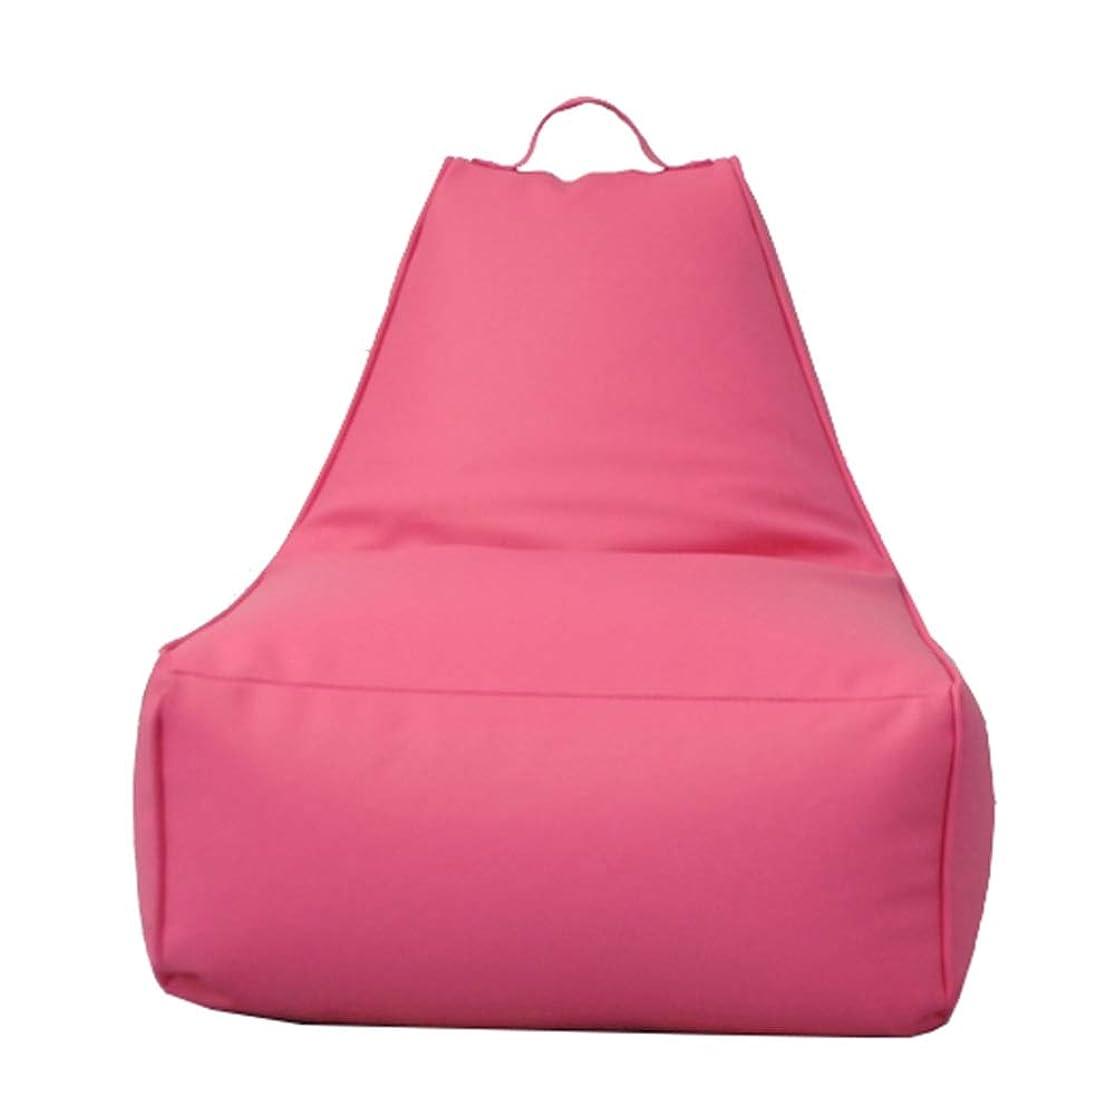 貢献家事貢献ソファー 子供たちは豆袋の椅子やお手玉の部屋を洗って、単一の怠惰な革のソファを扱います ふあふあフロアチェア (色 : ピンク, サイズ : 55*55*50cm)